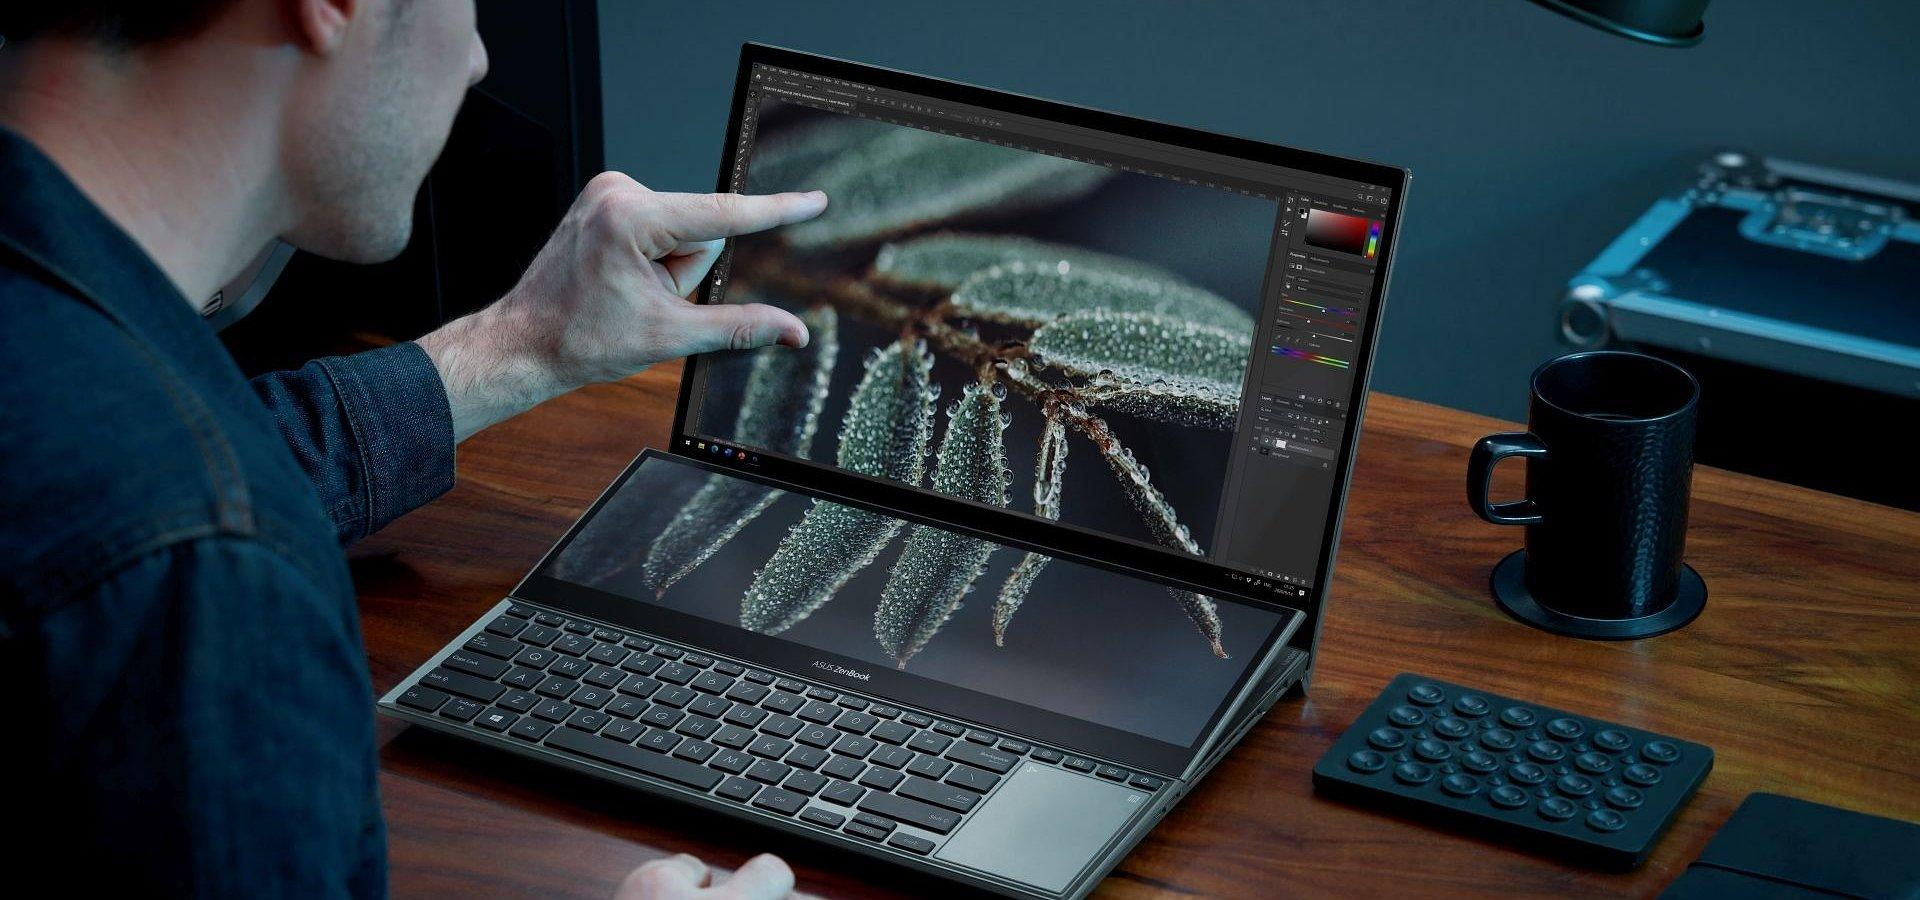 ASUS prezentuje najnowszego laptopa ZenBook Pro Duo 15 OLED